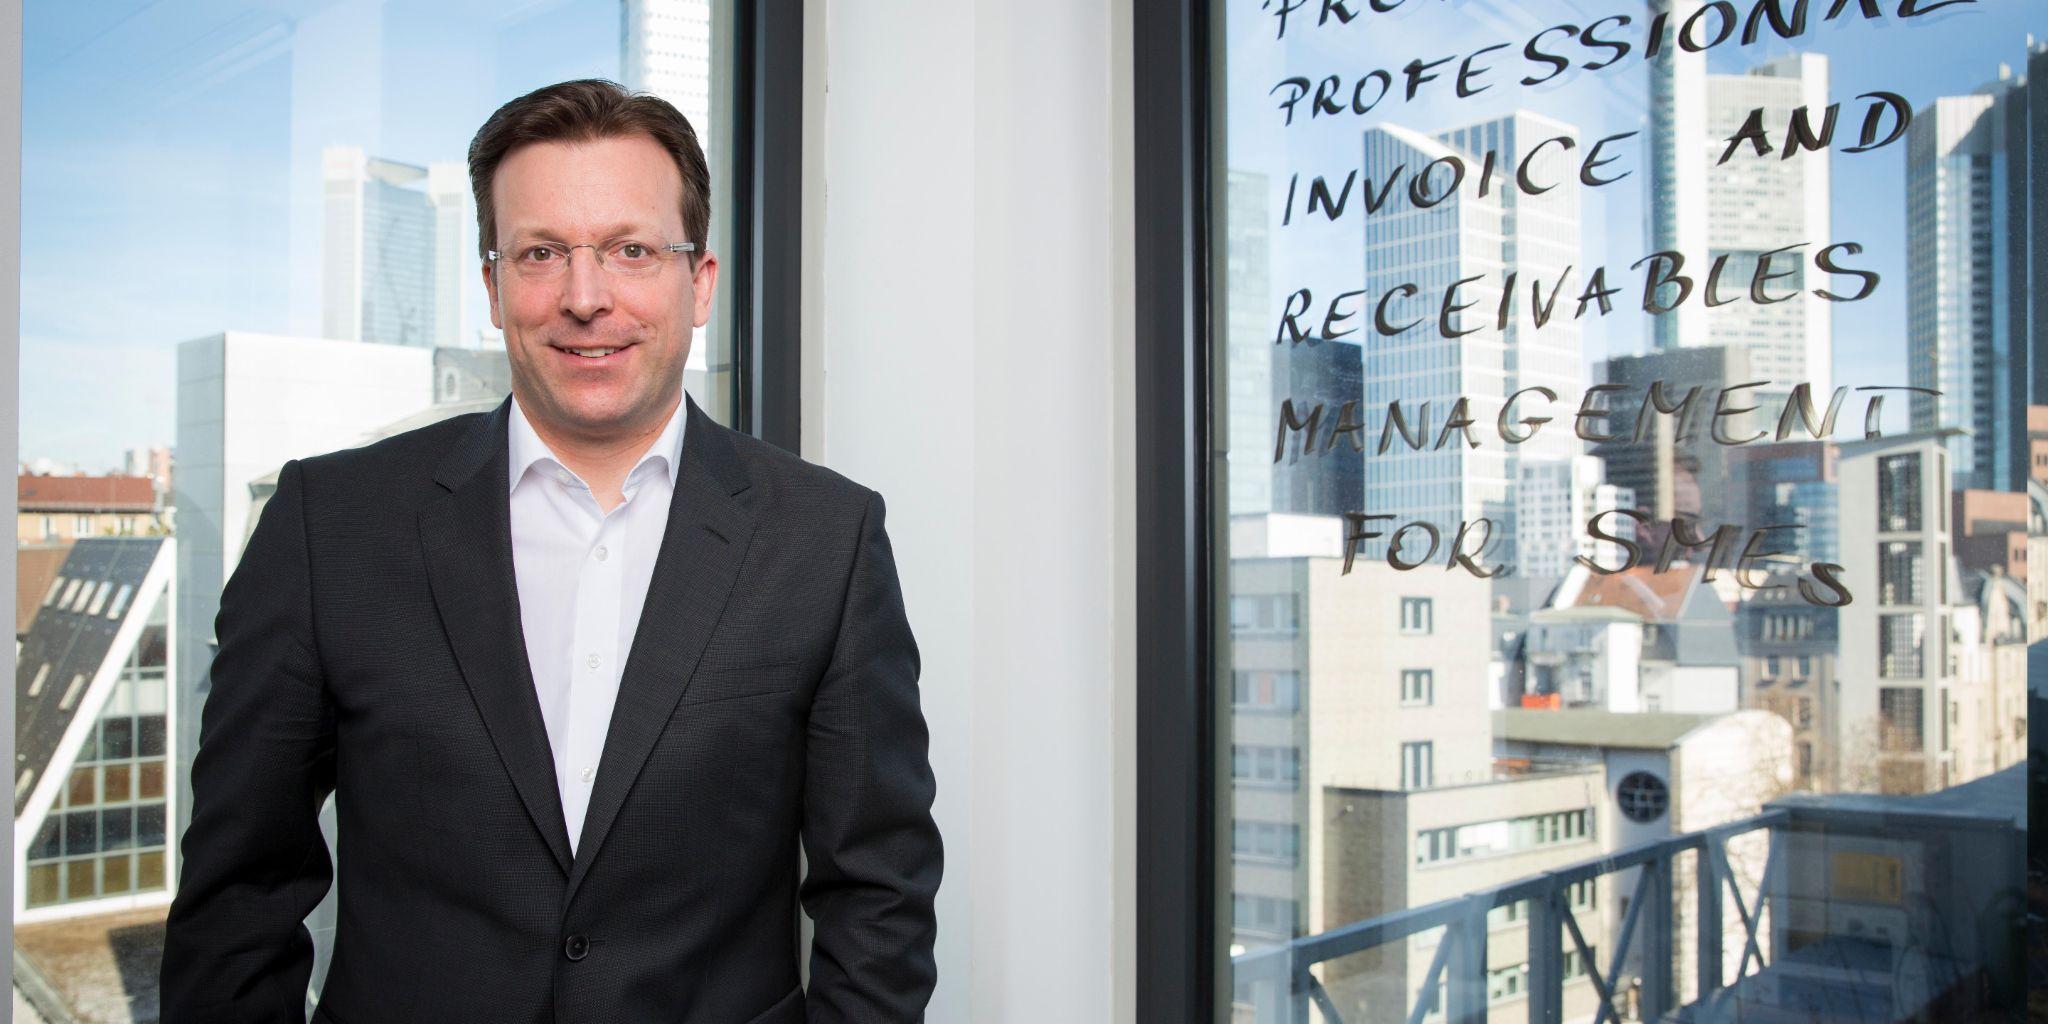 Profi Systeme Für Den Mittelstand Eos In österreich